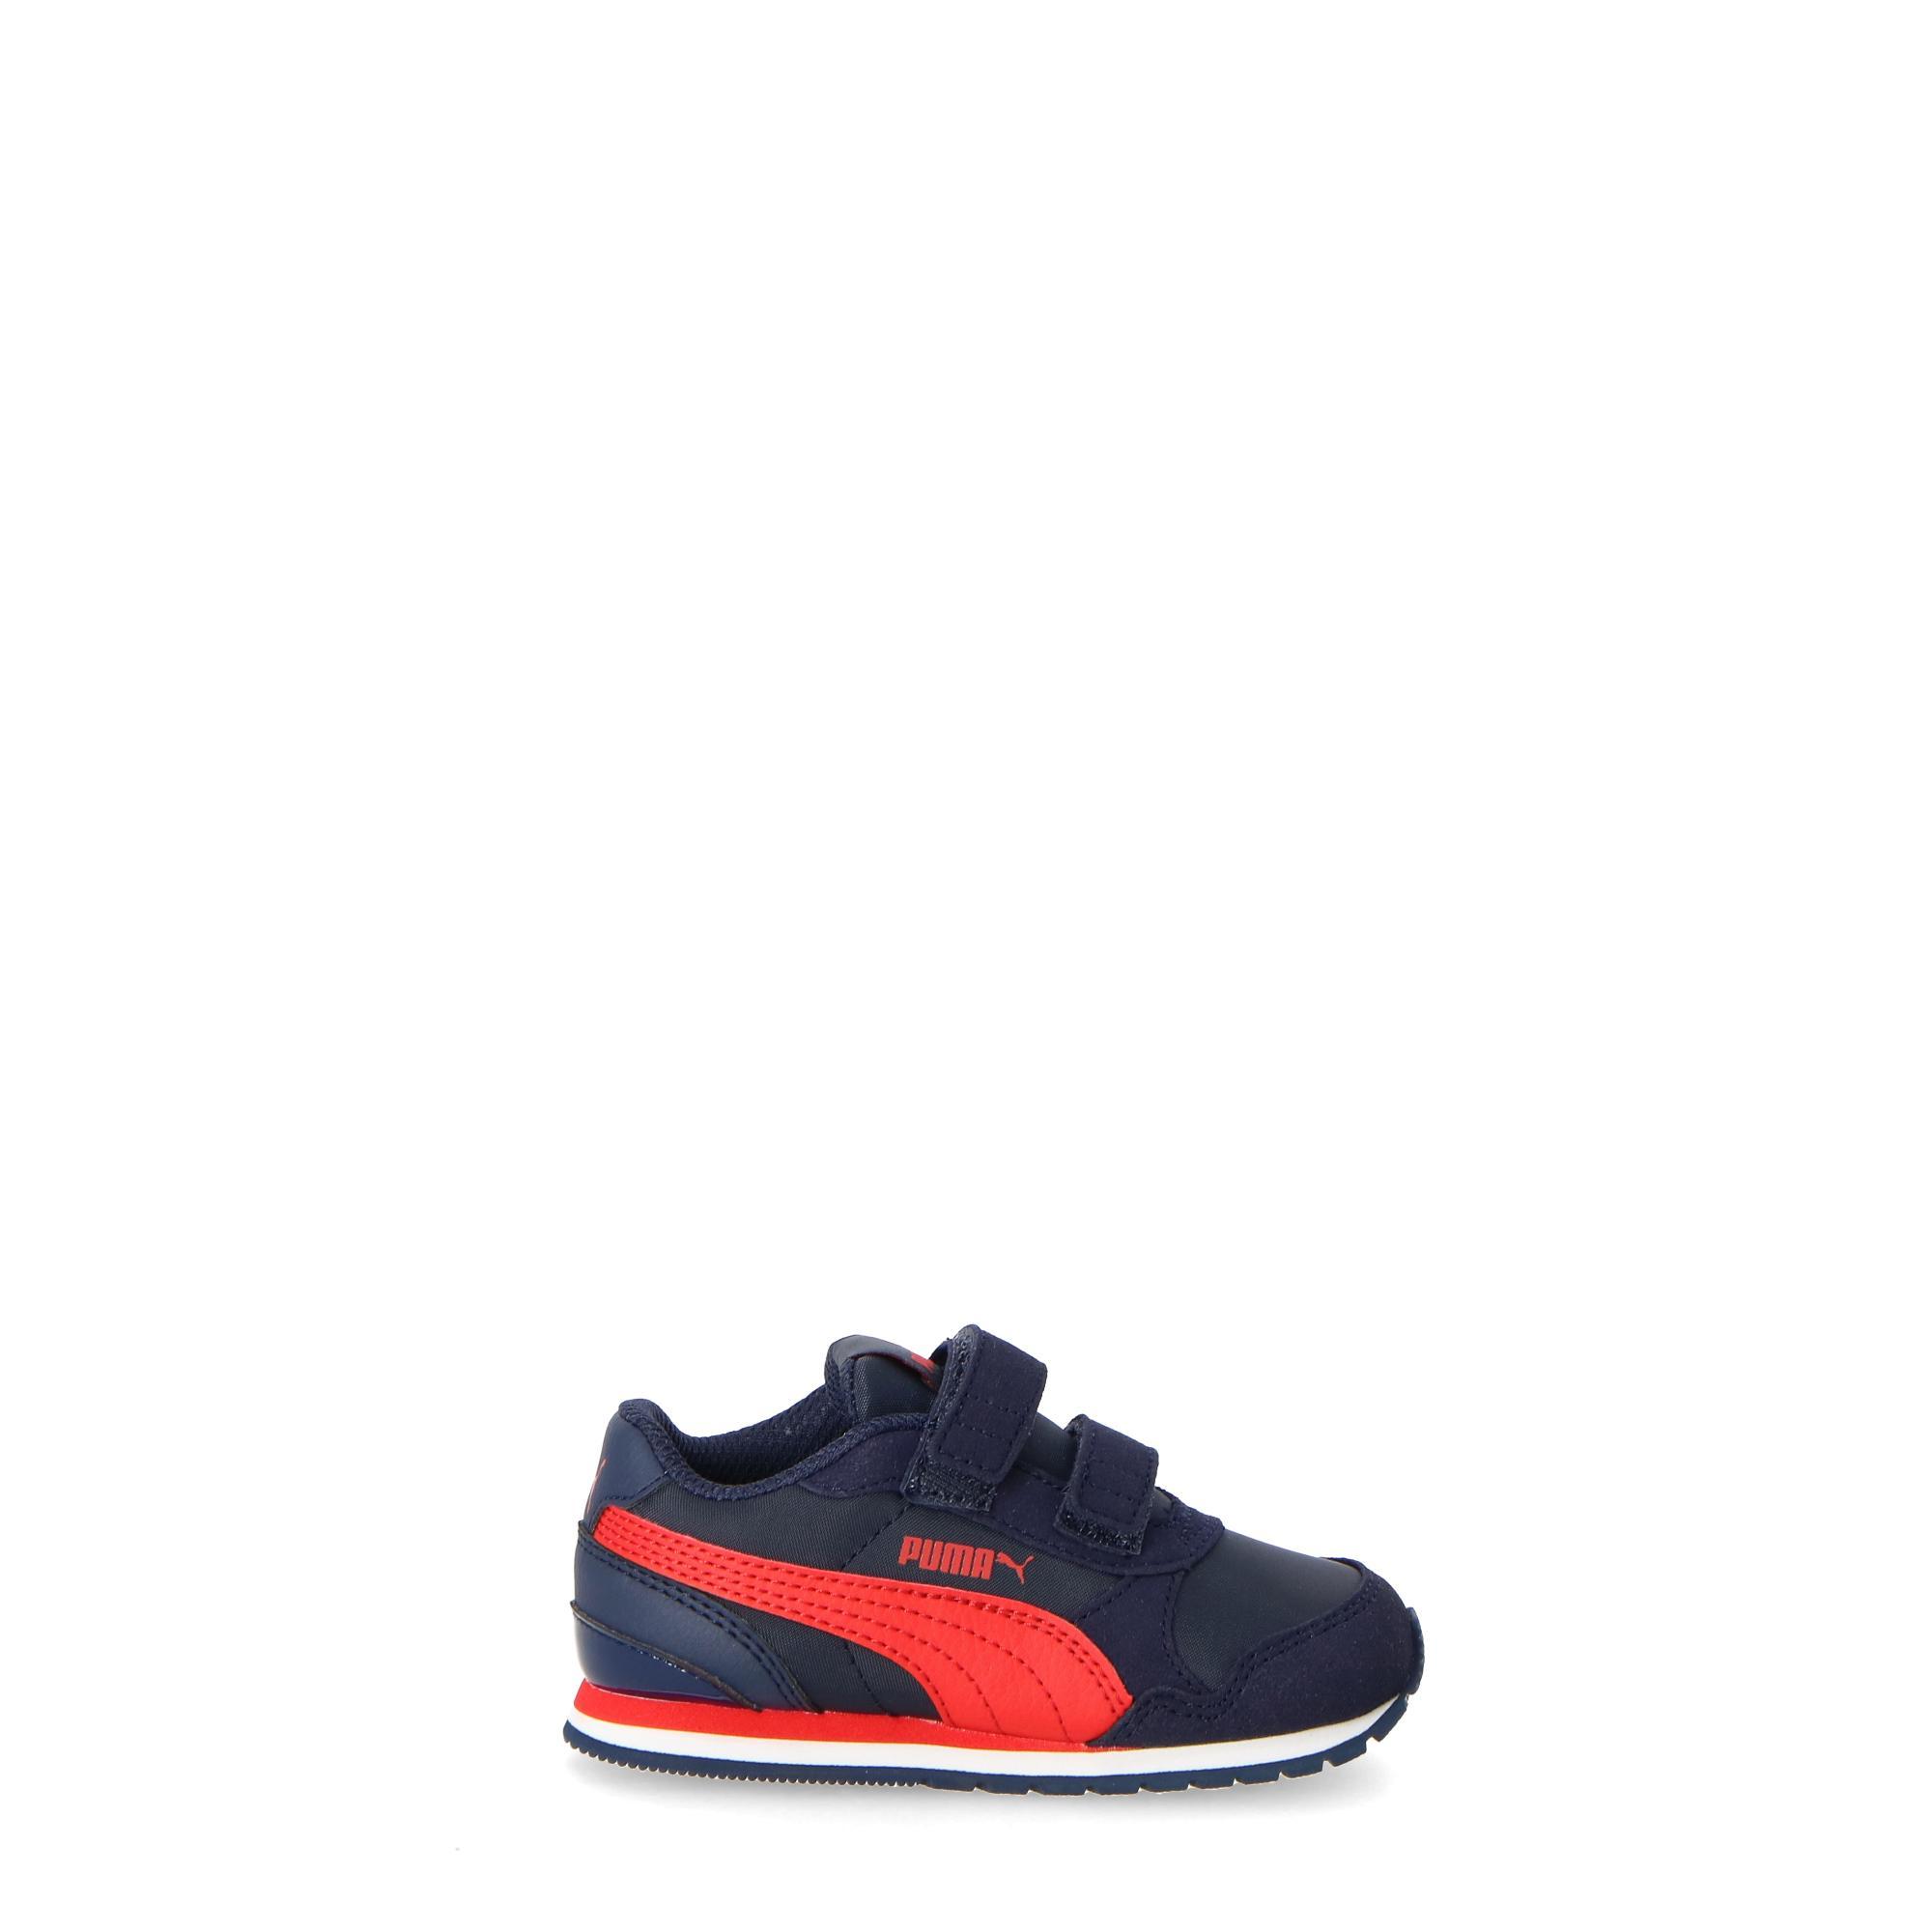 49581e8ea557d Puma St Runner V2 - Kids Peacoat Ribbon Red